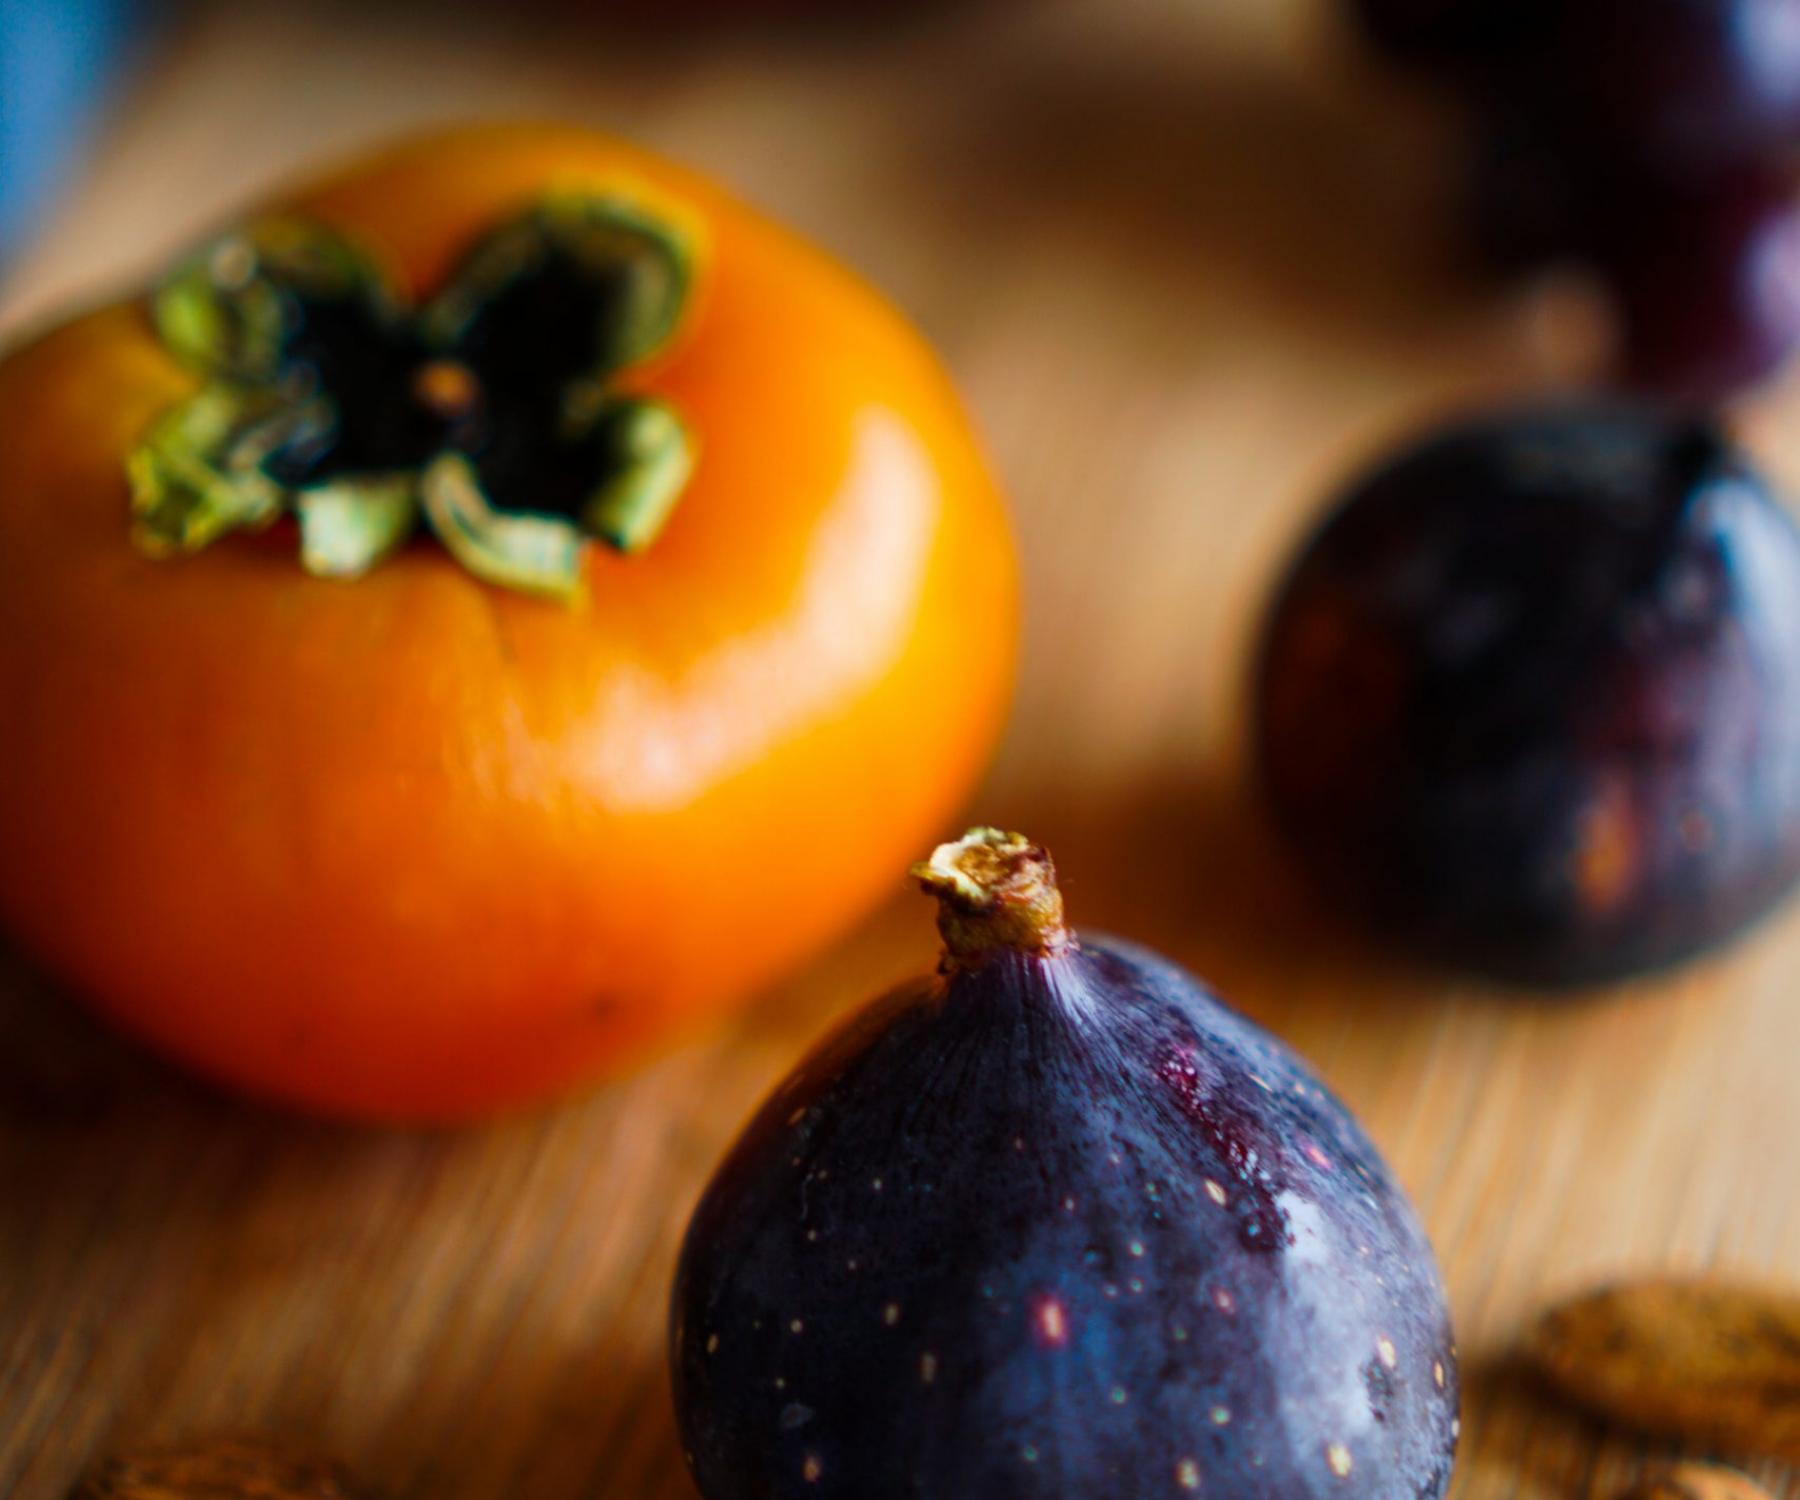 Miam aux fruits recette